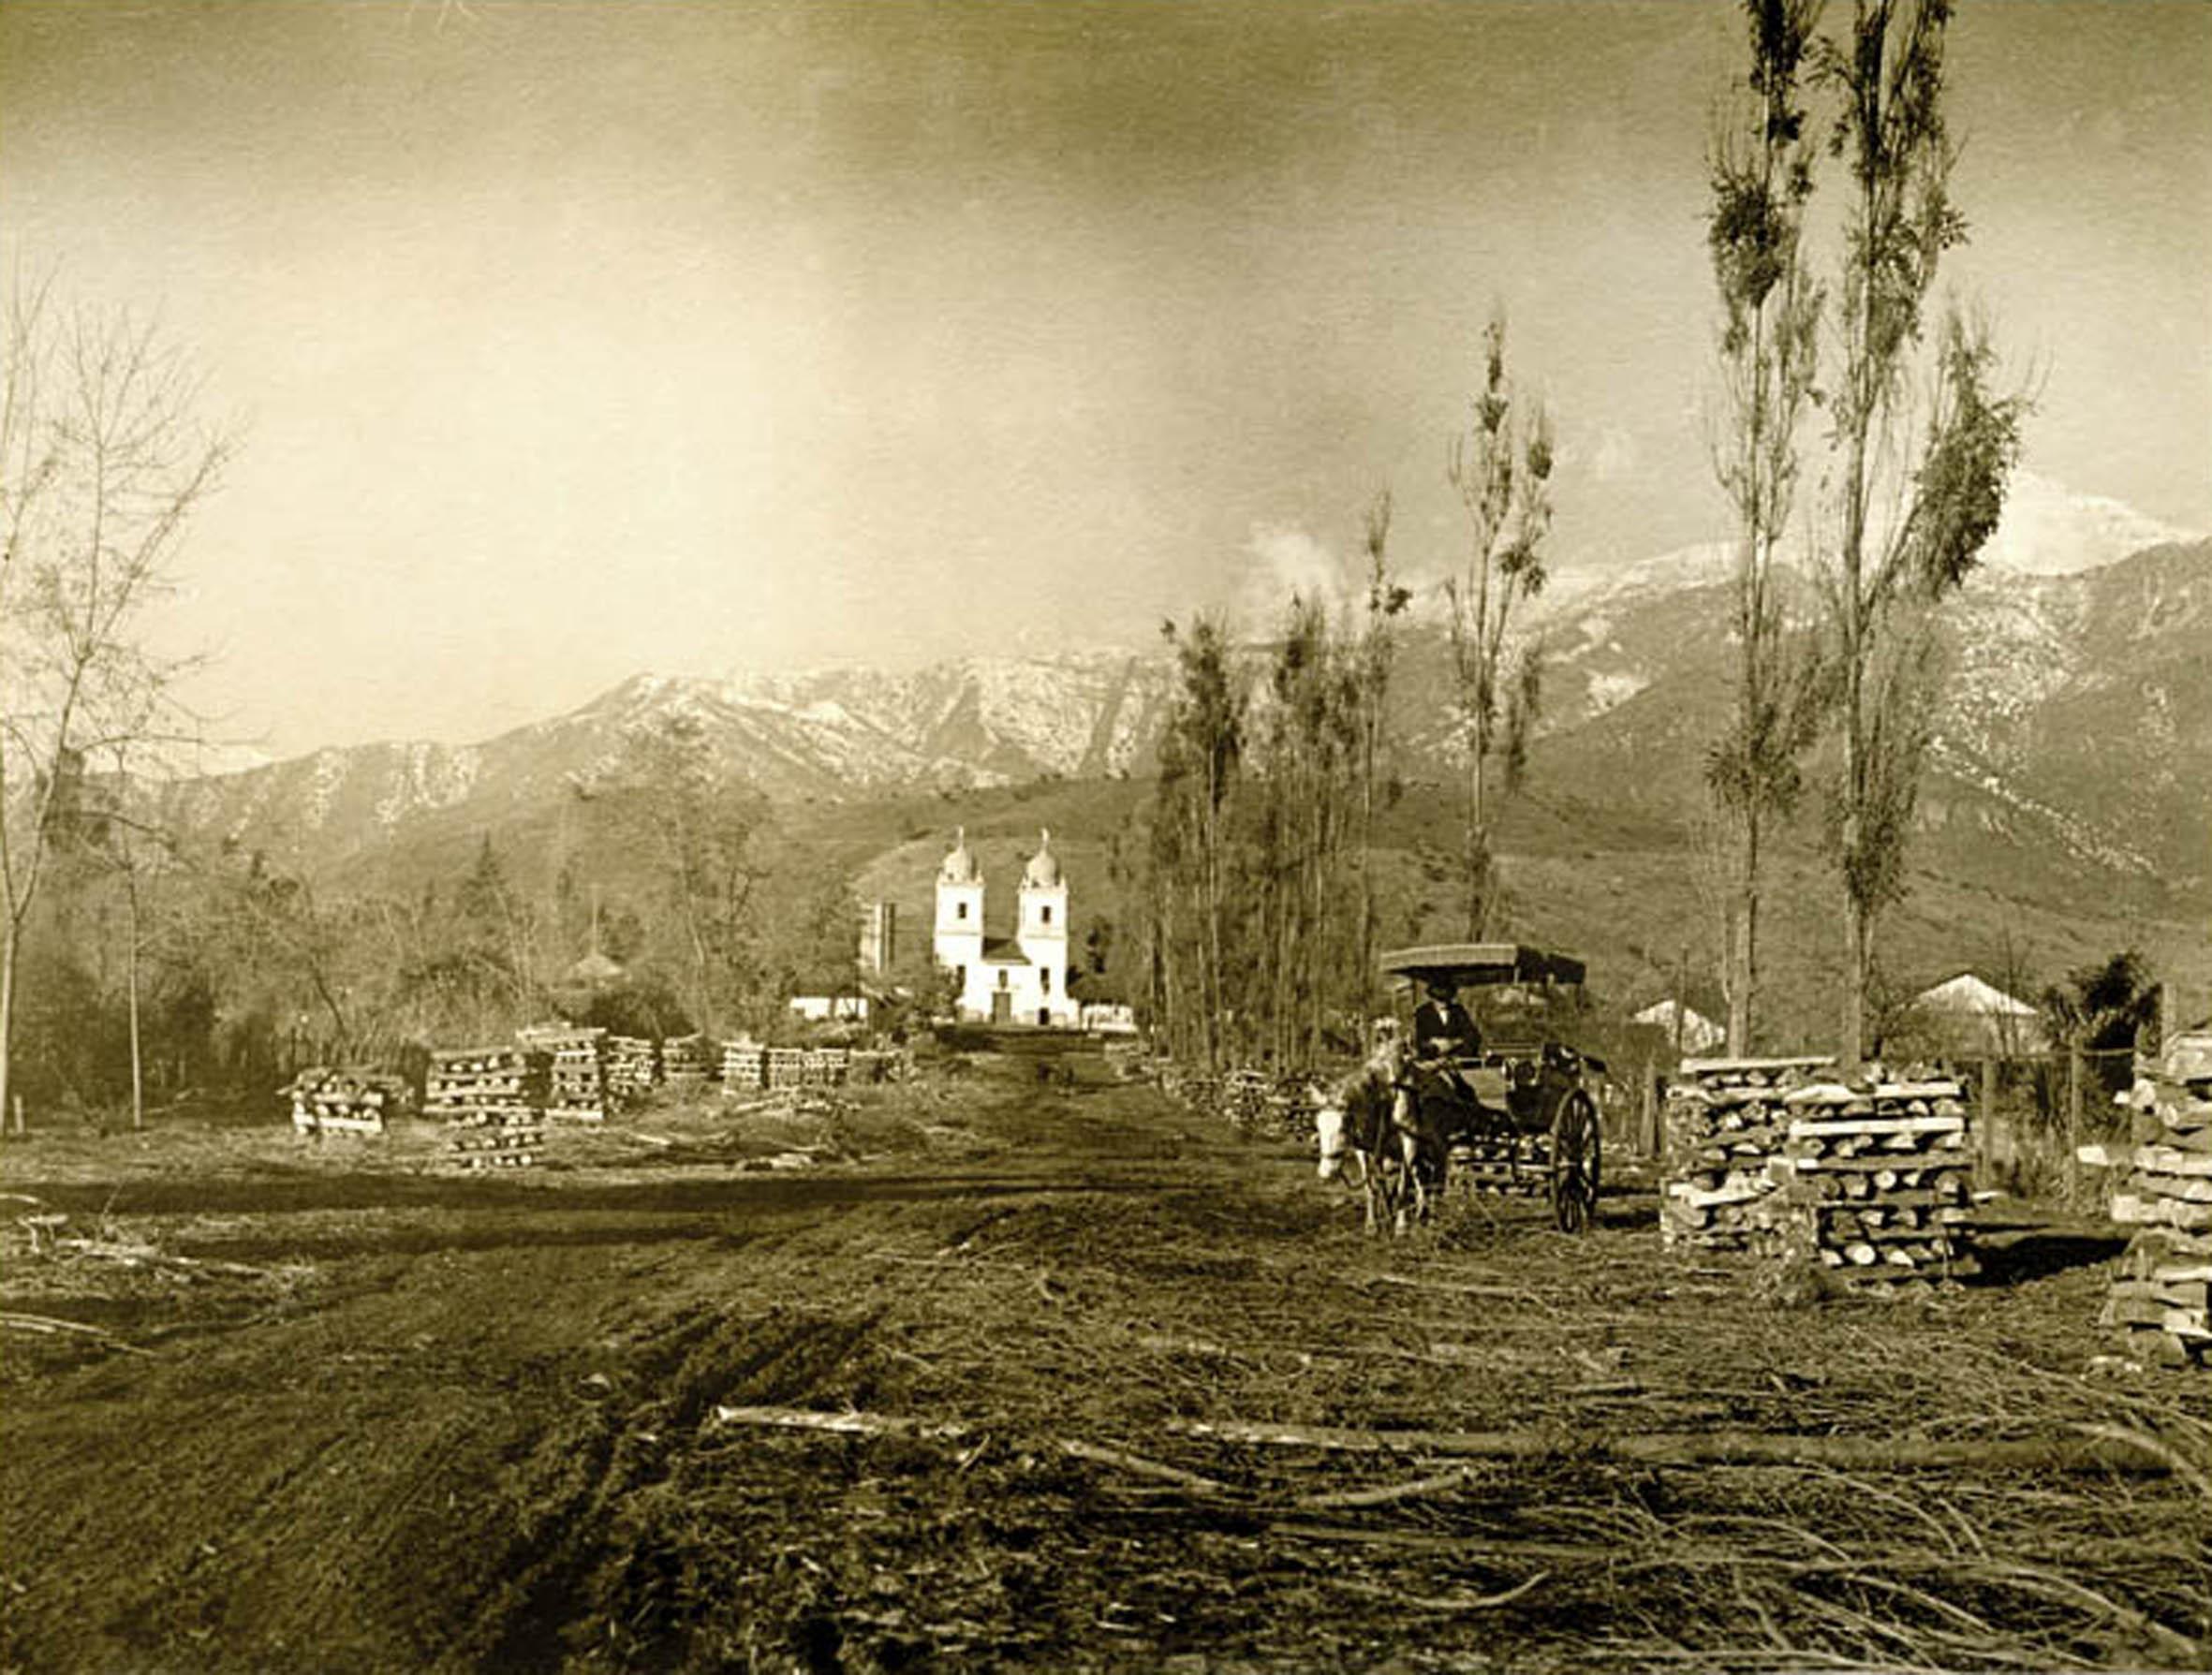 Enterreno - Fotos históricas de chile - fotos antiguas de Chile - Los Dominicos, Santiago, 1924